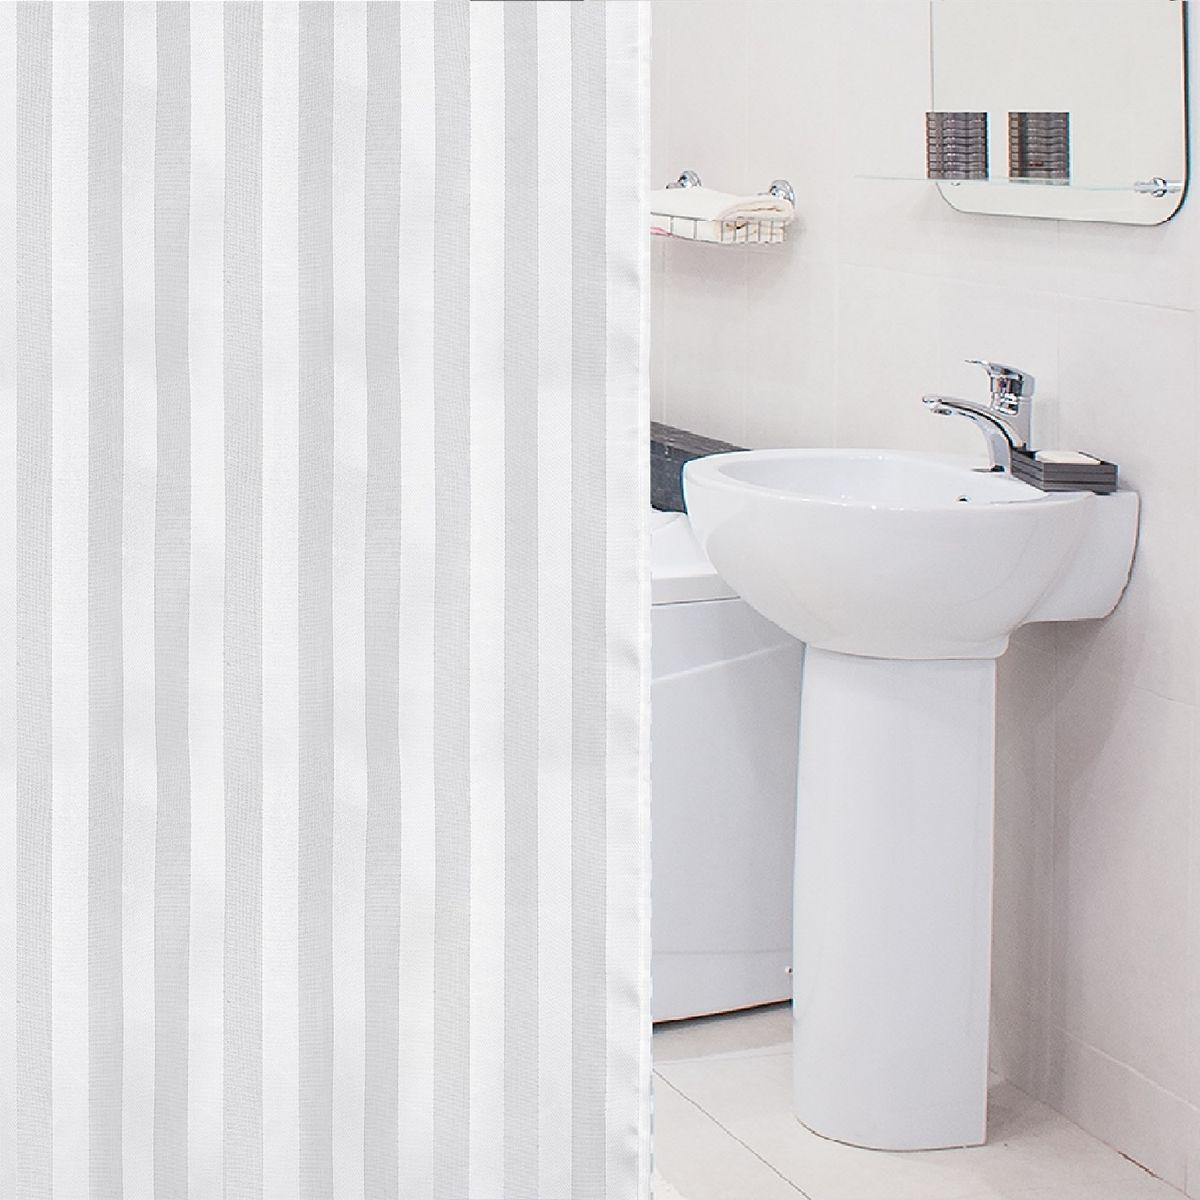 Фото - Штора для ванной комнаты Tatkraft Harmony, с кольцами, 180 х 180 см штора для ванной комнаты tatkraft stone garden 180 х 180 см